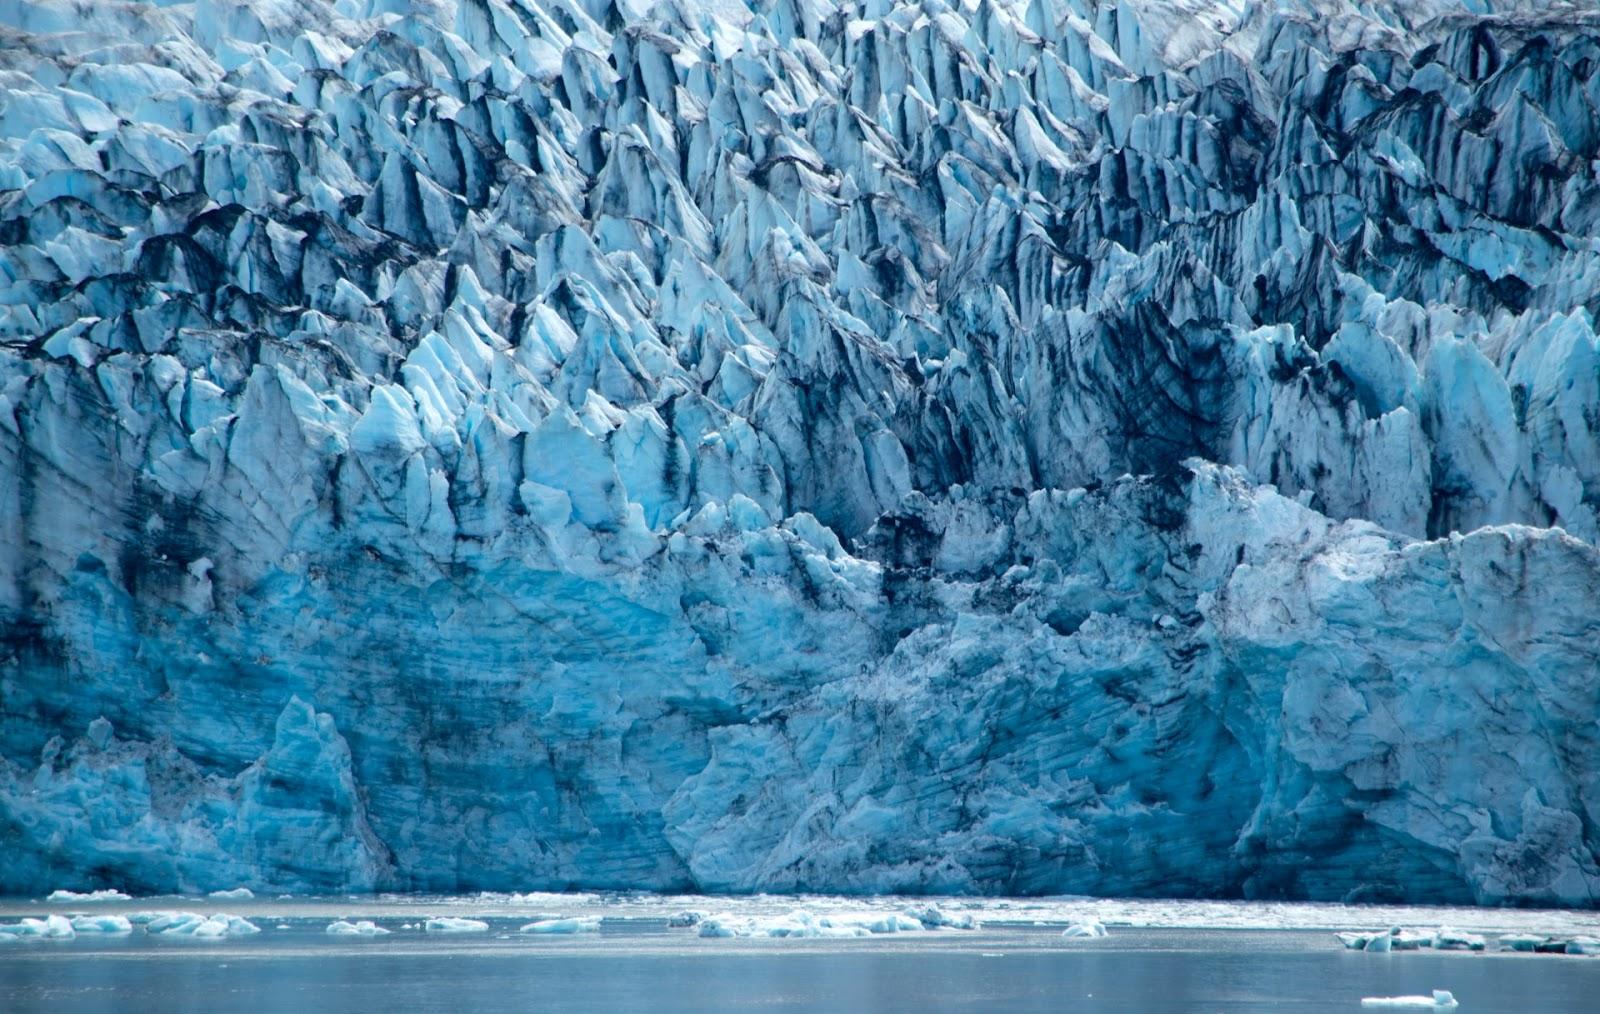 Segundo diversos cientistas, o aquecimento global tem provocado o derretimento das geleiras que, além de aumentar os níveis dos oceanos, pode provocar a extinção de diversas espécies de animais. (Unsplash/Reprodução)